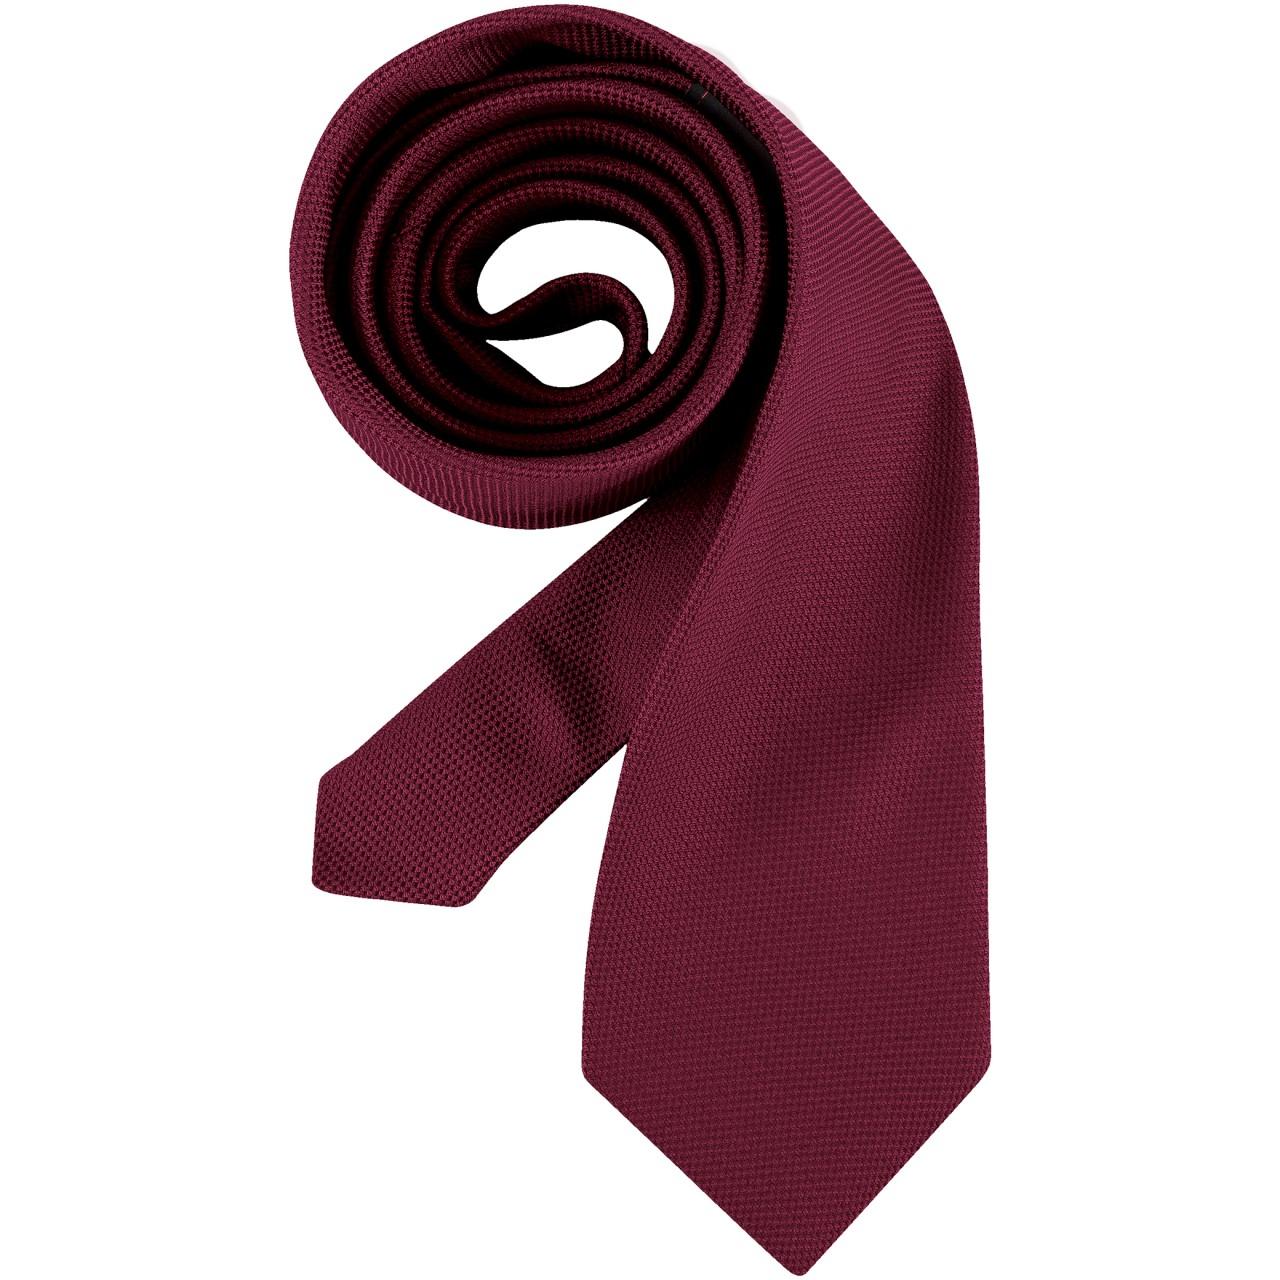 Premium Service Krawatte Greiff®   bedrucken, besticken, bedrucken lassen, besticken lassen, mit Logo  